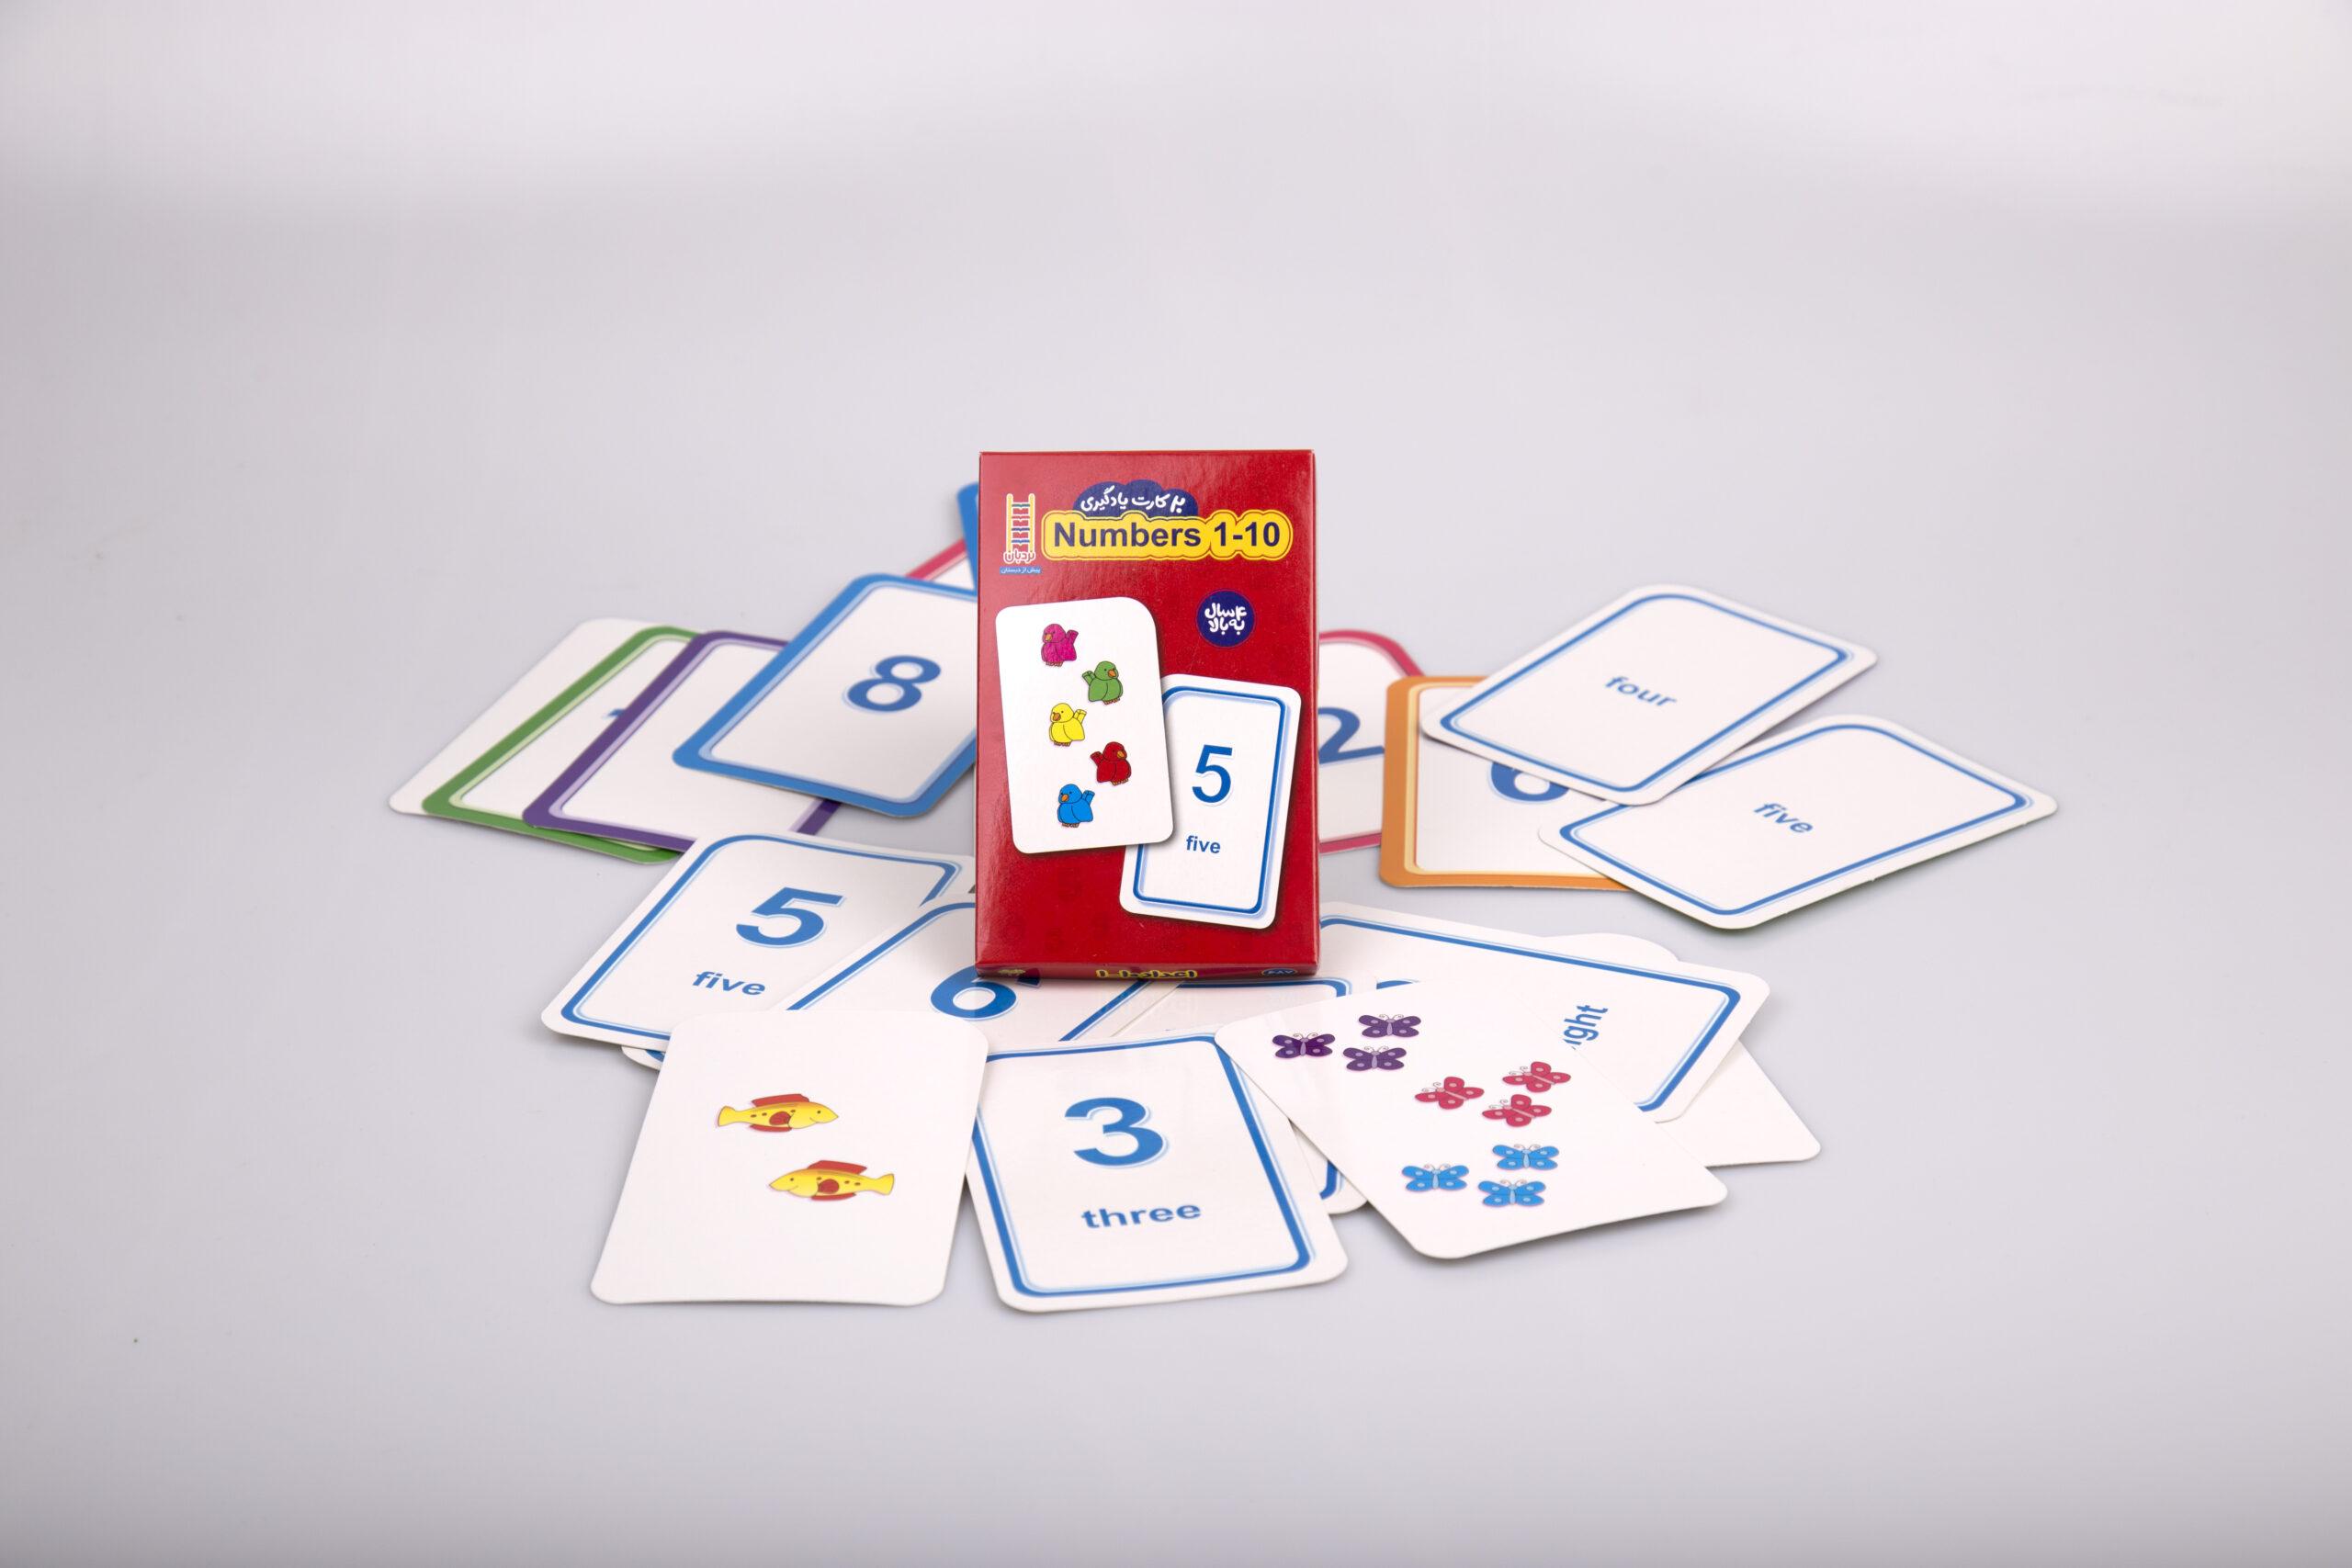 فلش کارت Numbers 1-10